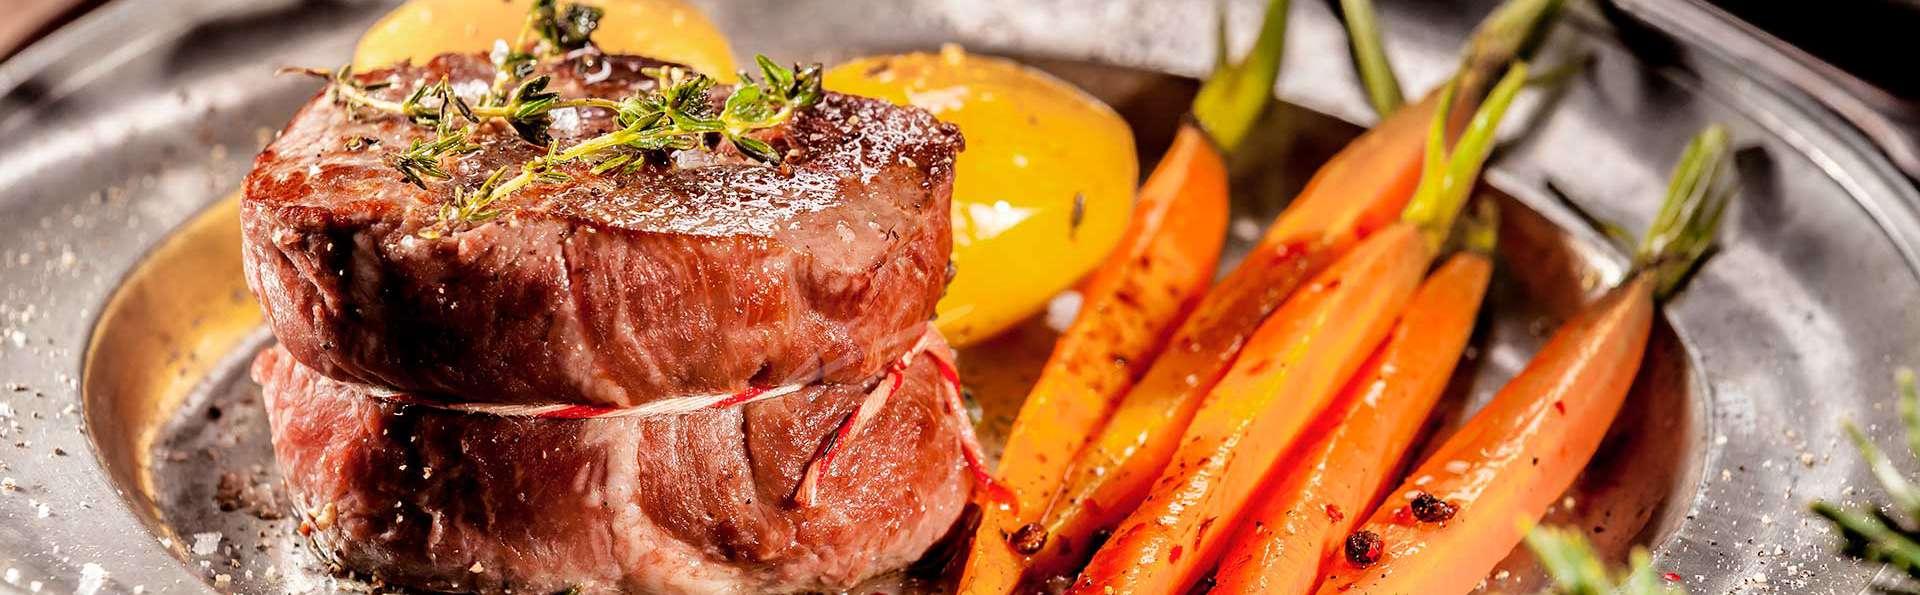 Cultura y Gastronomía en pleno centro de Burgos con exquisita cena incluida